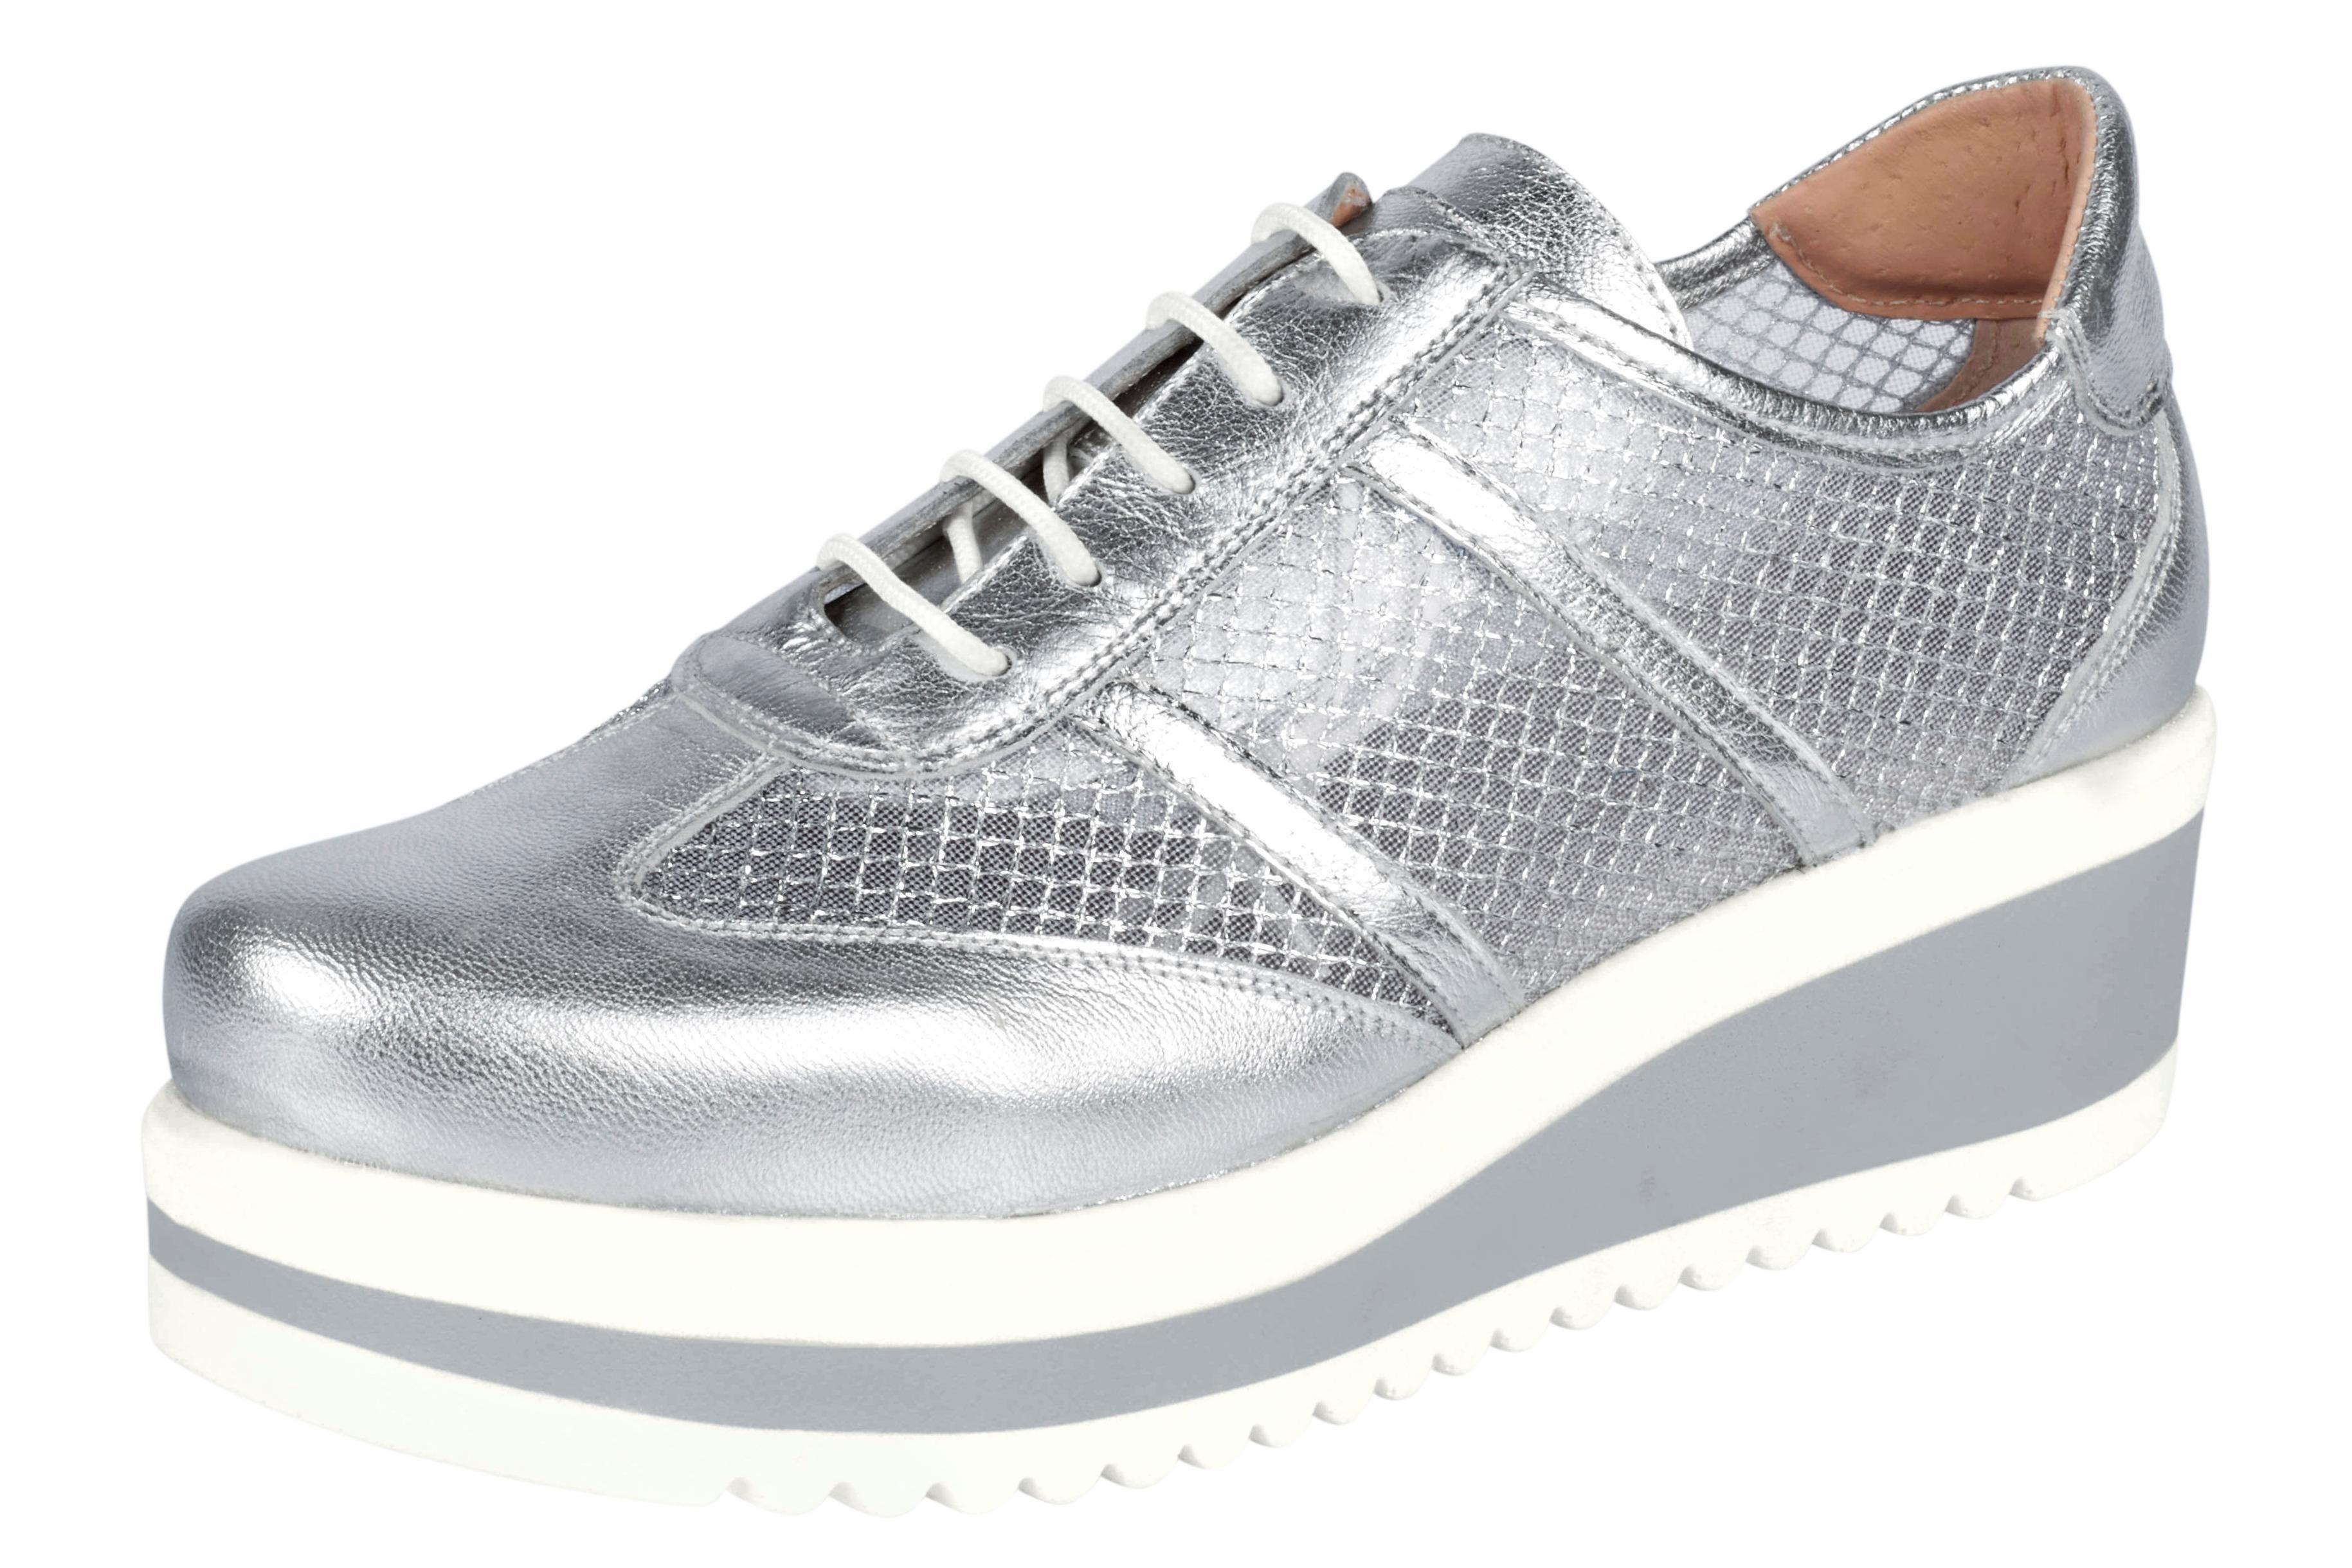 Heine Sneaker mit Mesh-Einsätzen online kaufen  silberfarben